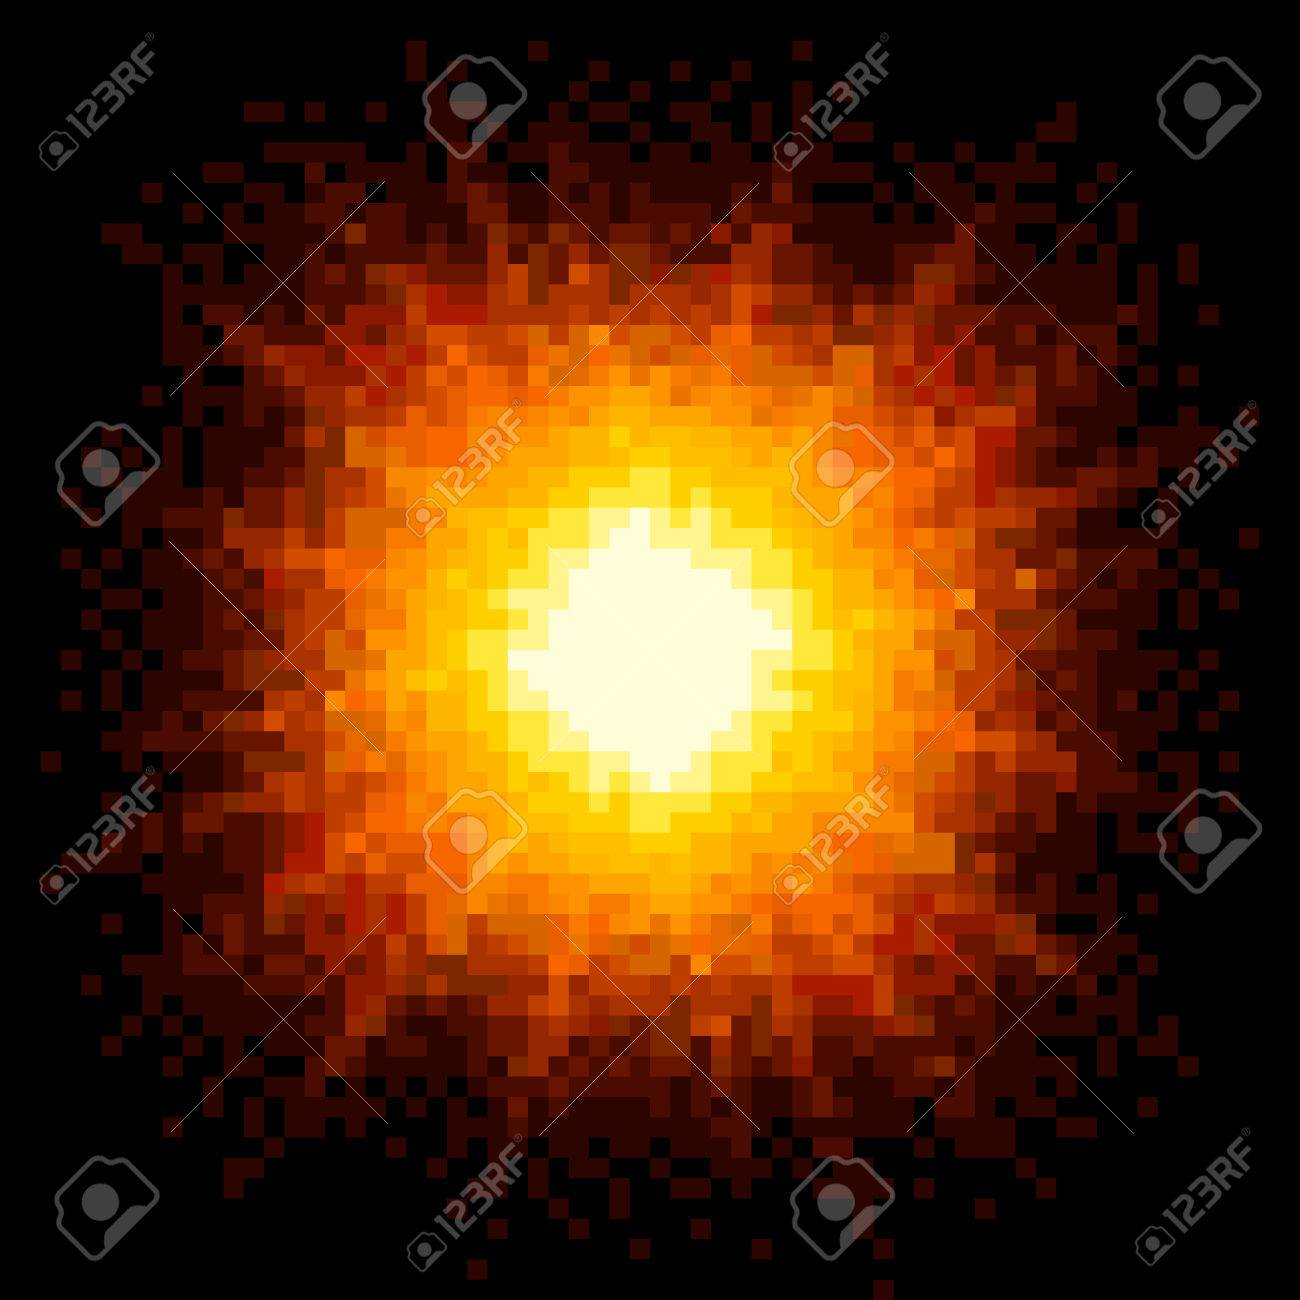 8-bit Pixel Art Firey Explosion. EPS8 Vector Stock Vector - 34338198